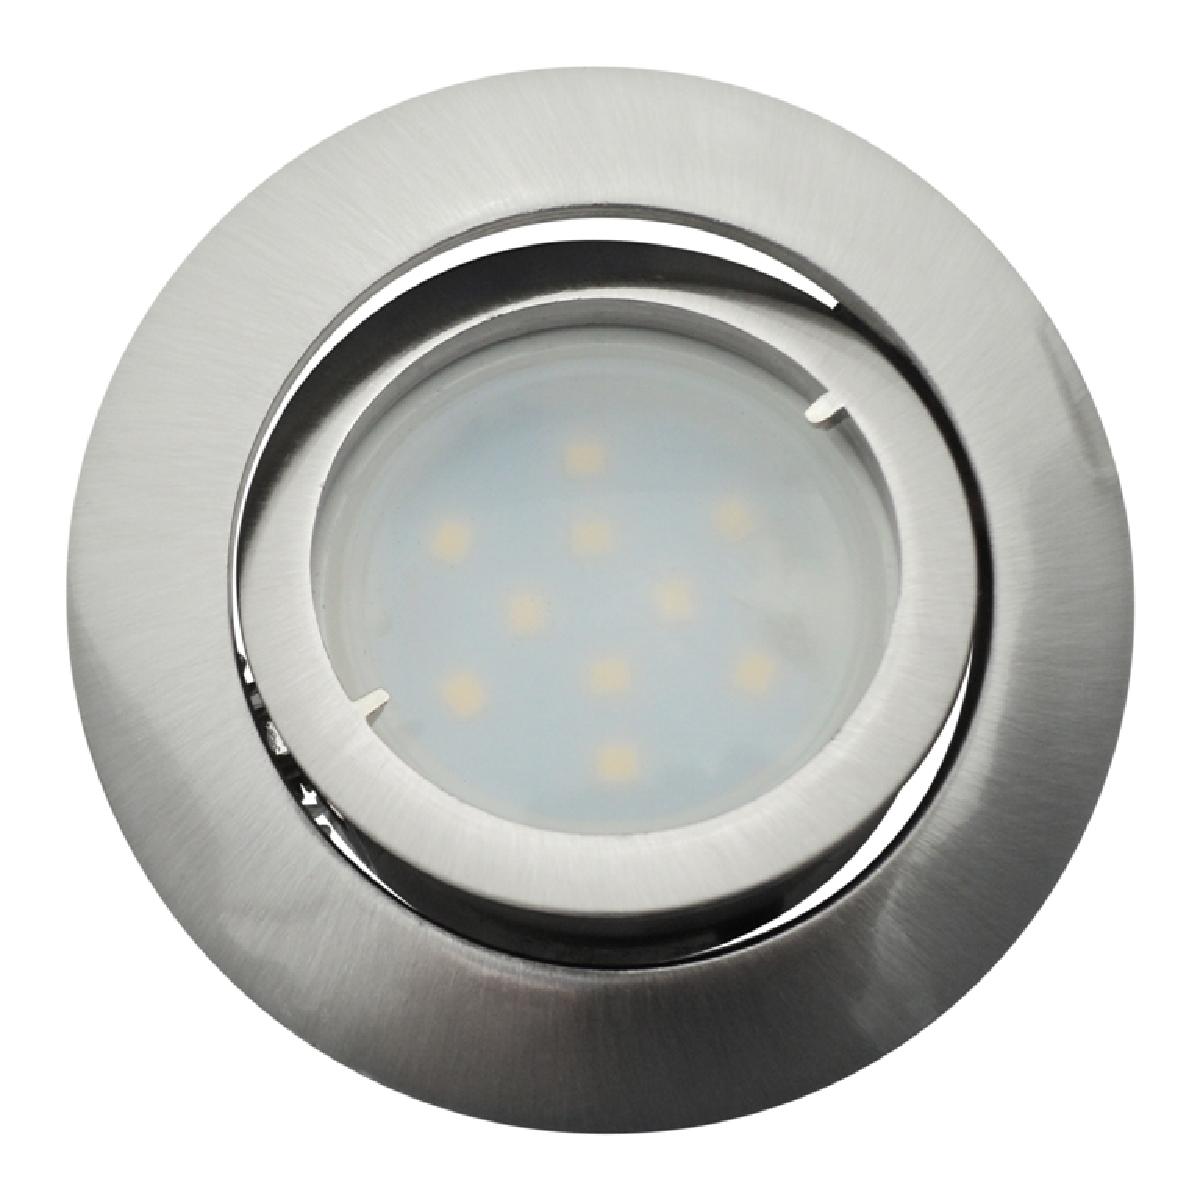 Eurobryte Lot de 25 Spot Led Encastrable Complete Satin Orientable lumière Blanc Chaud eq. 50W ref.209